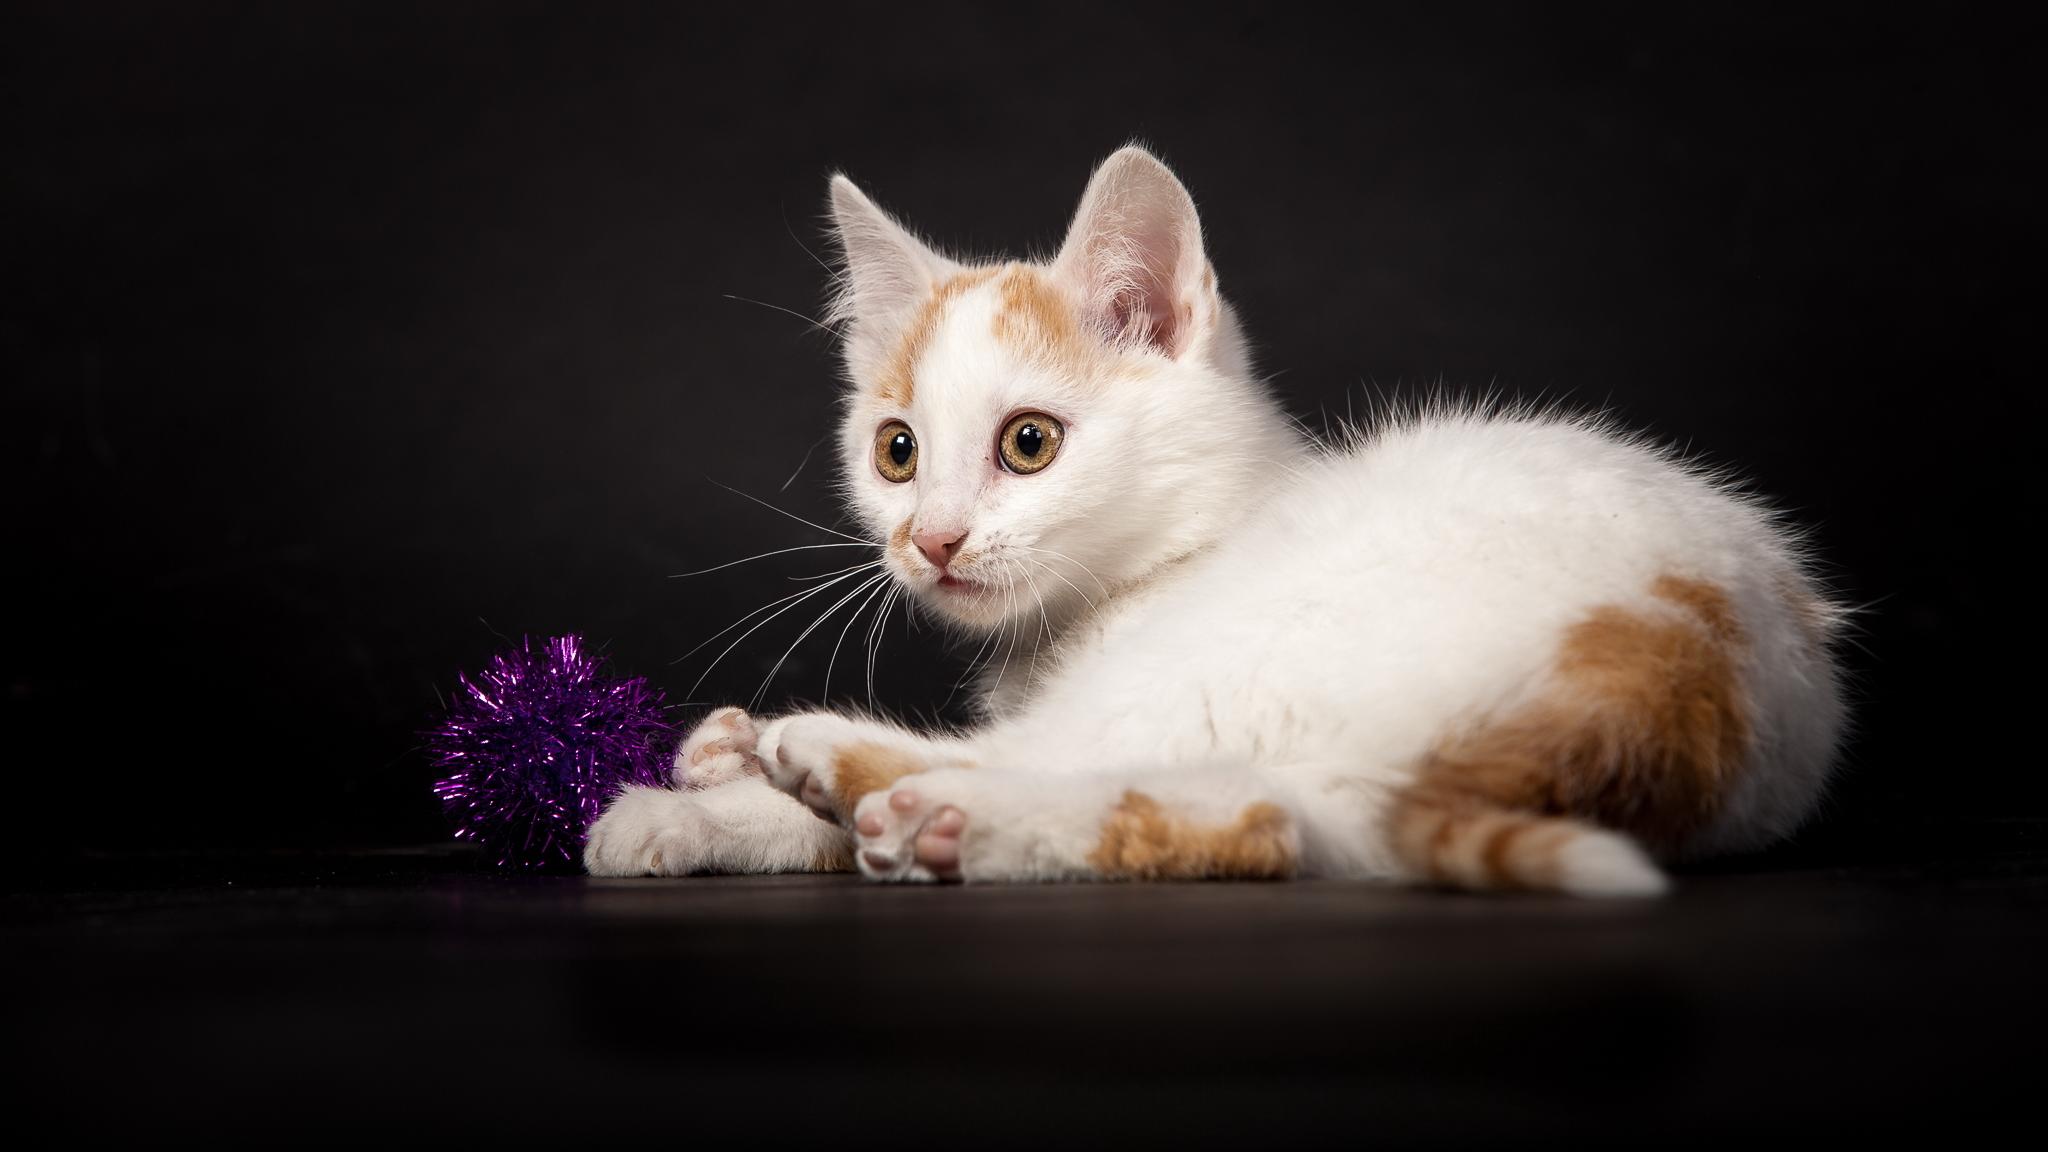 котенок белый в хорошем качестве